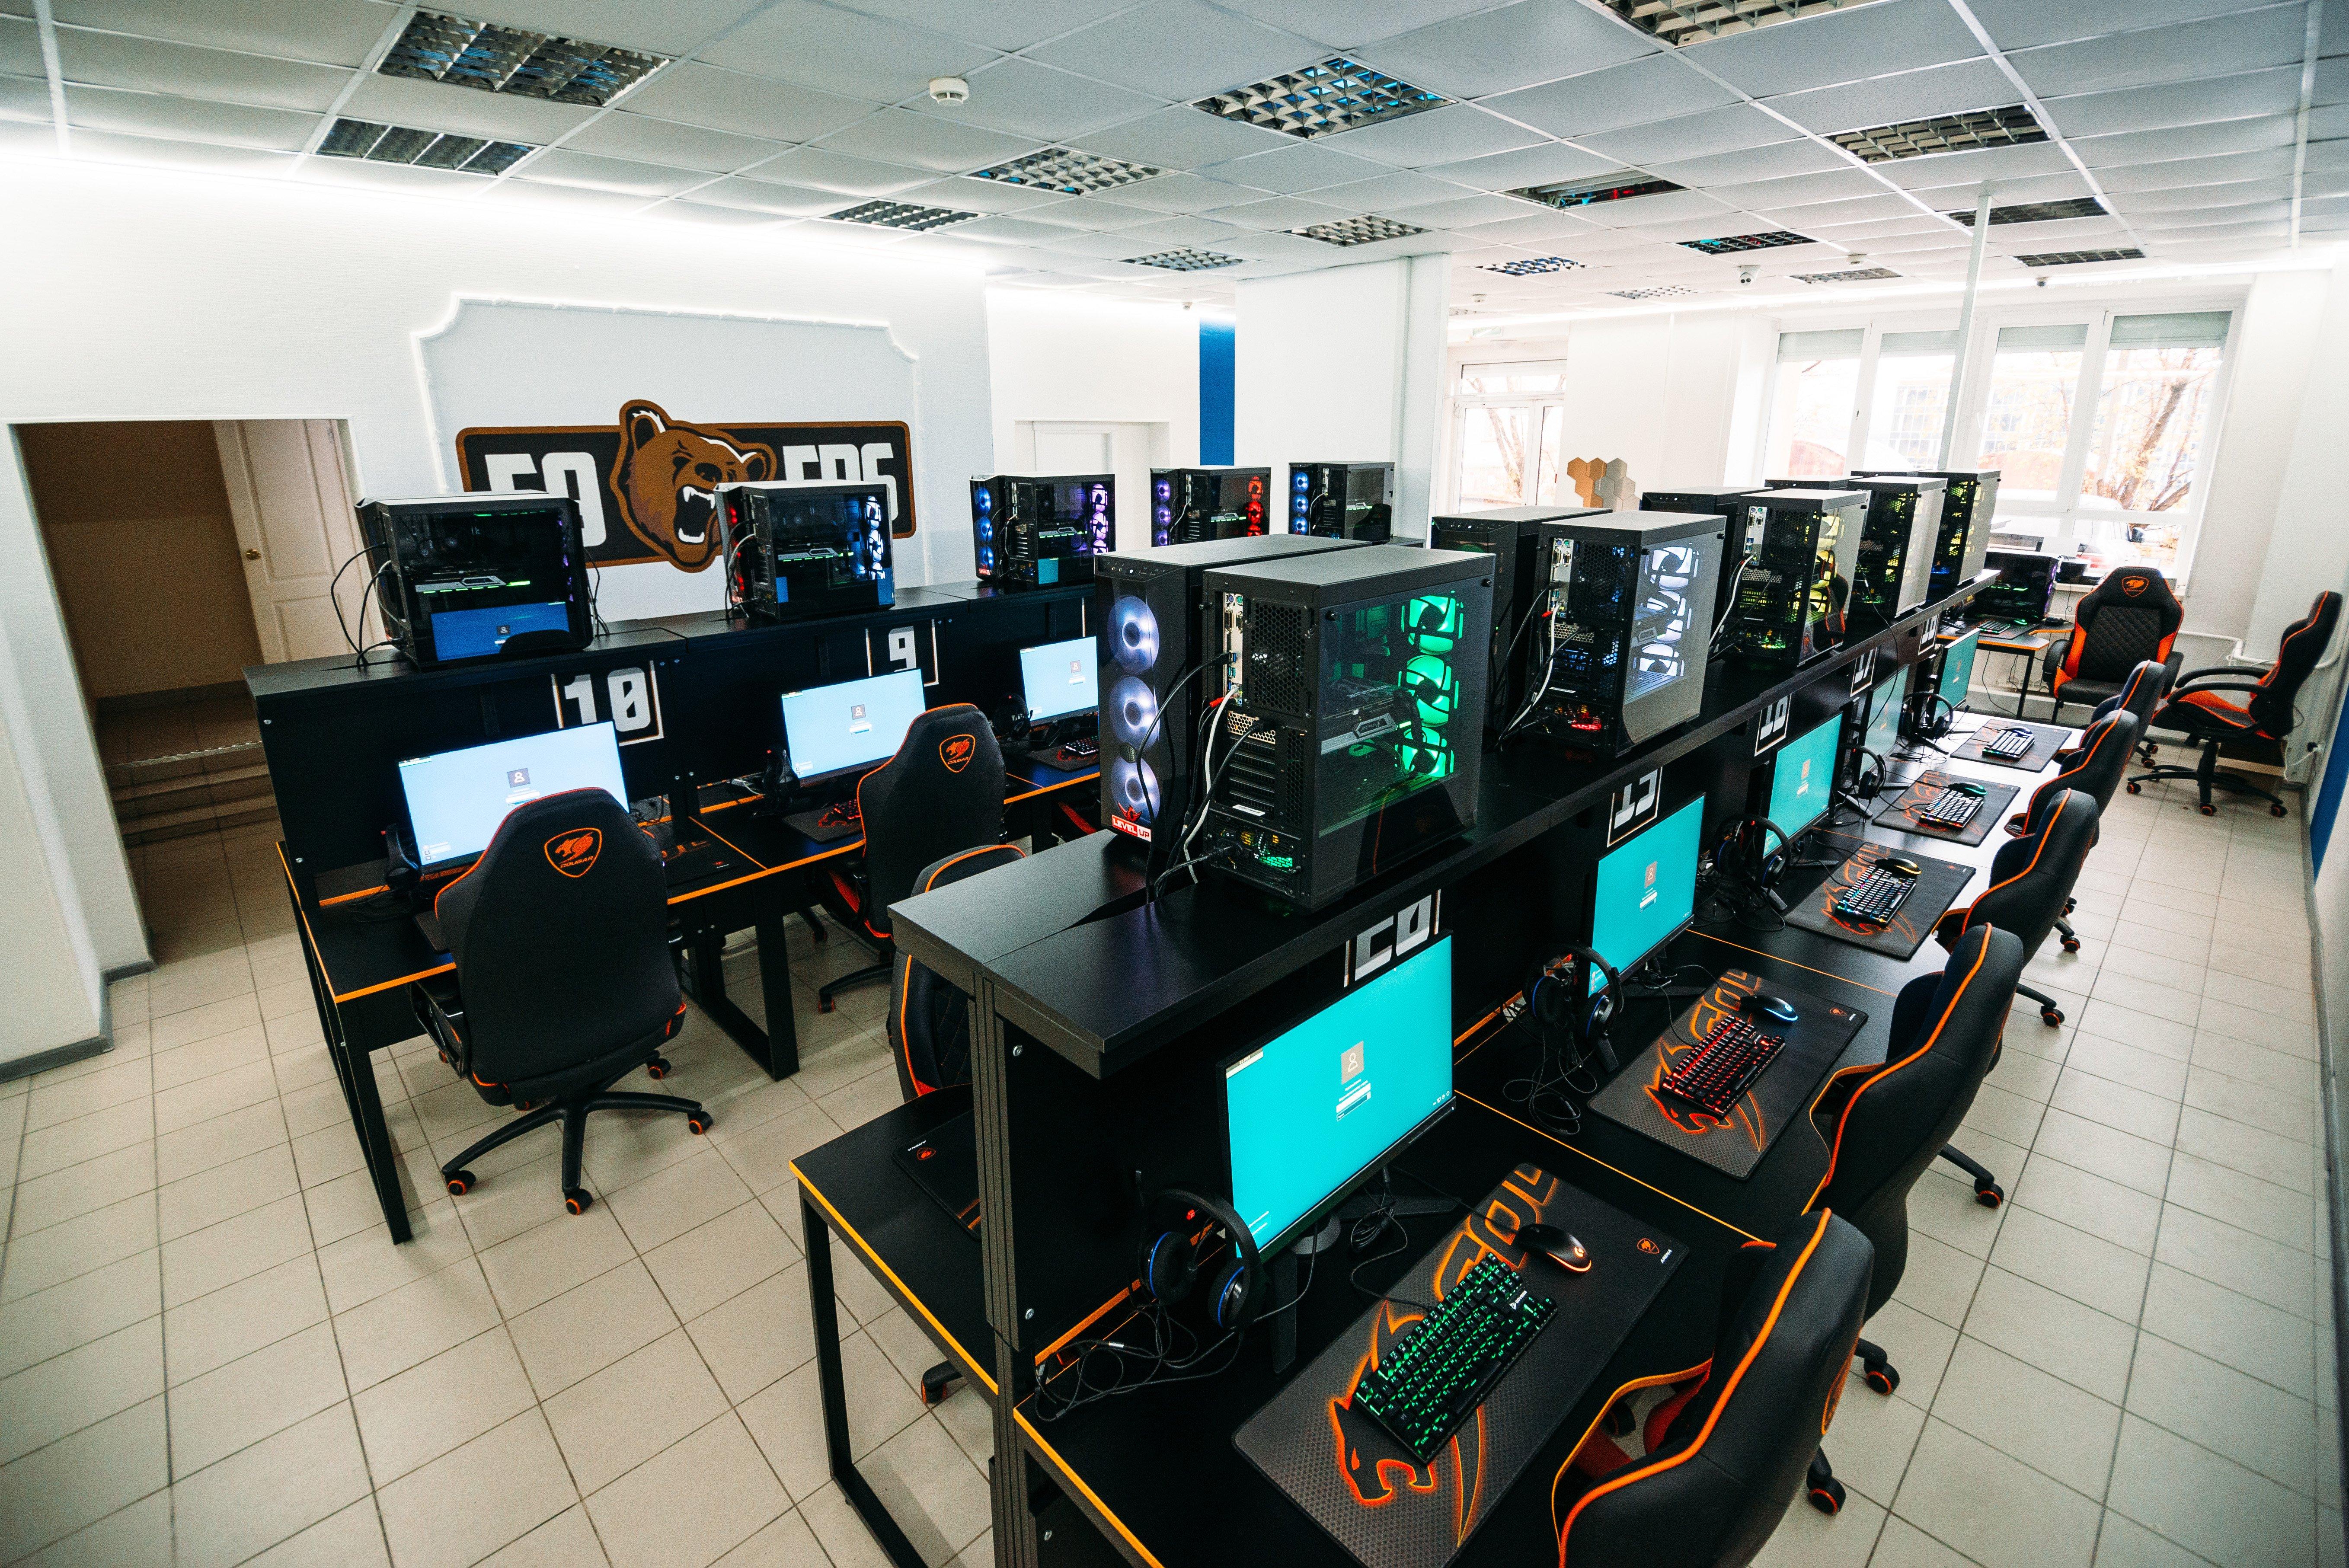 Компьютерный клуб для работы с документами москва ночной клуб москва сити башня федерация